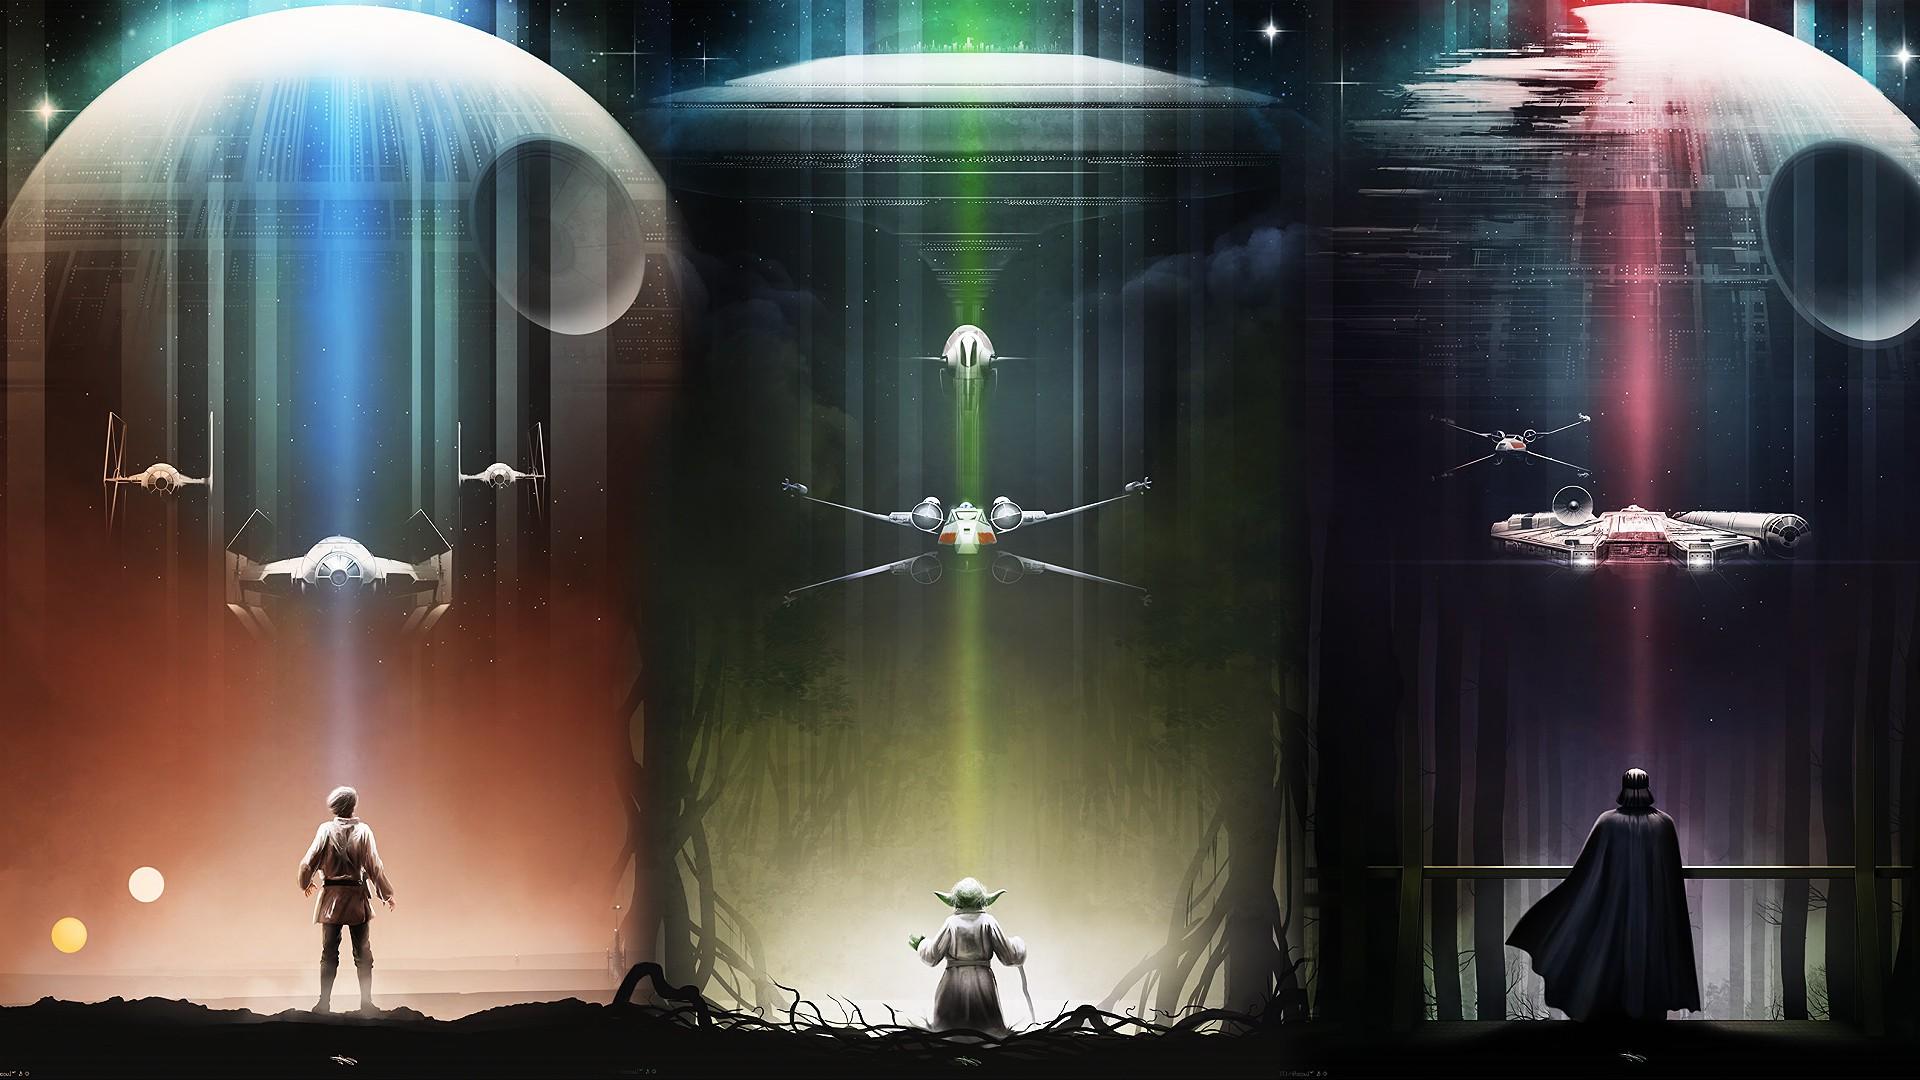 Wallpaper Star Wars Fantasy Art Tie Fighter Darth Vader